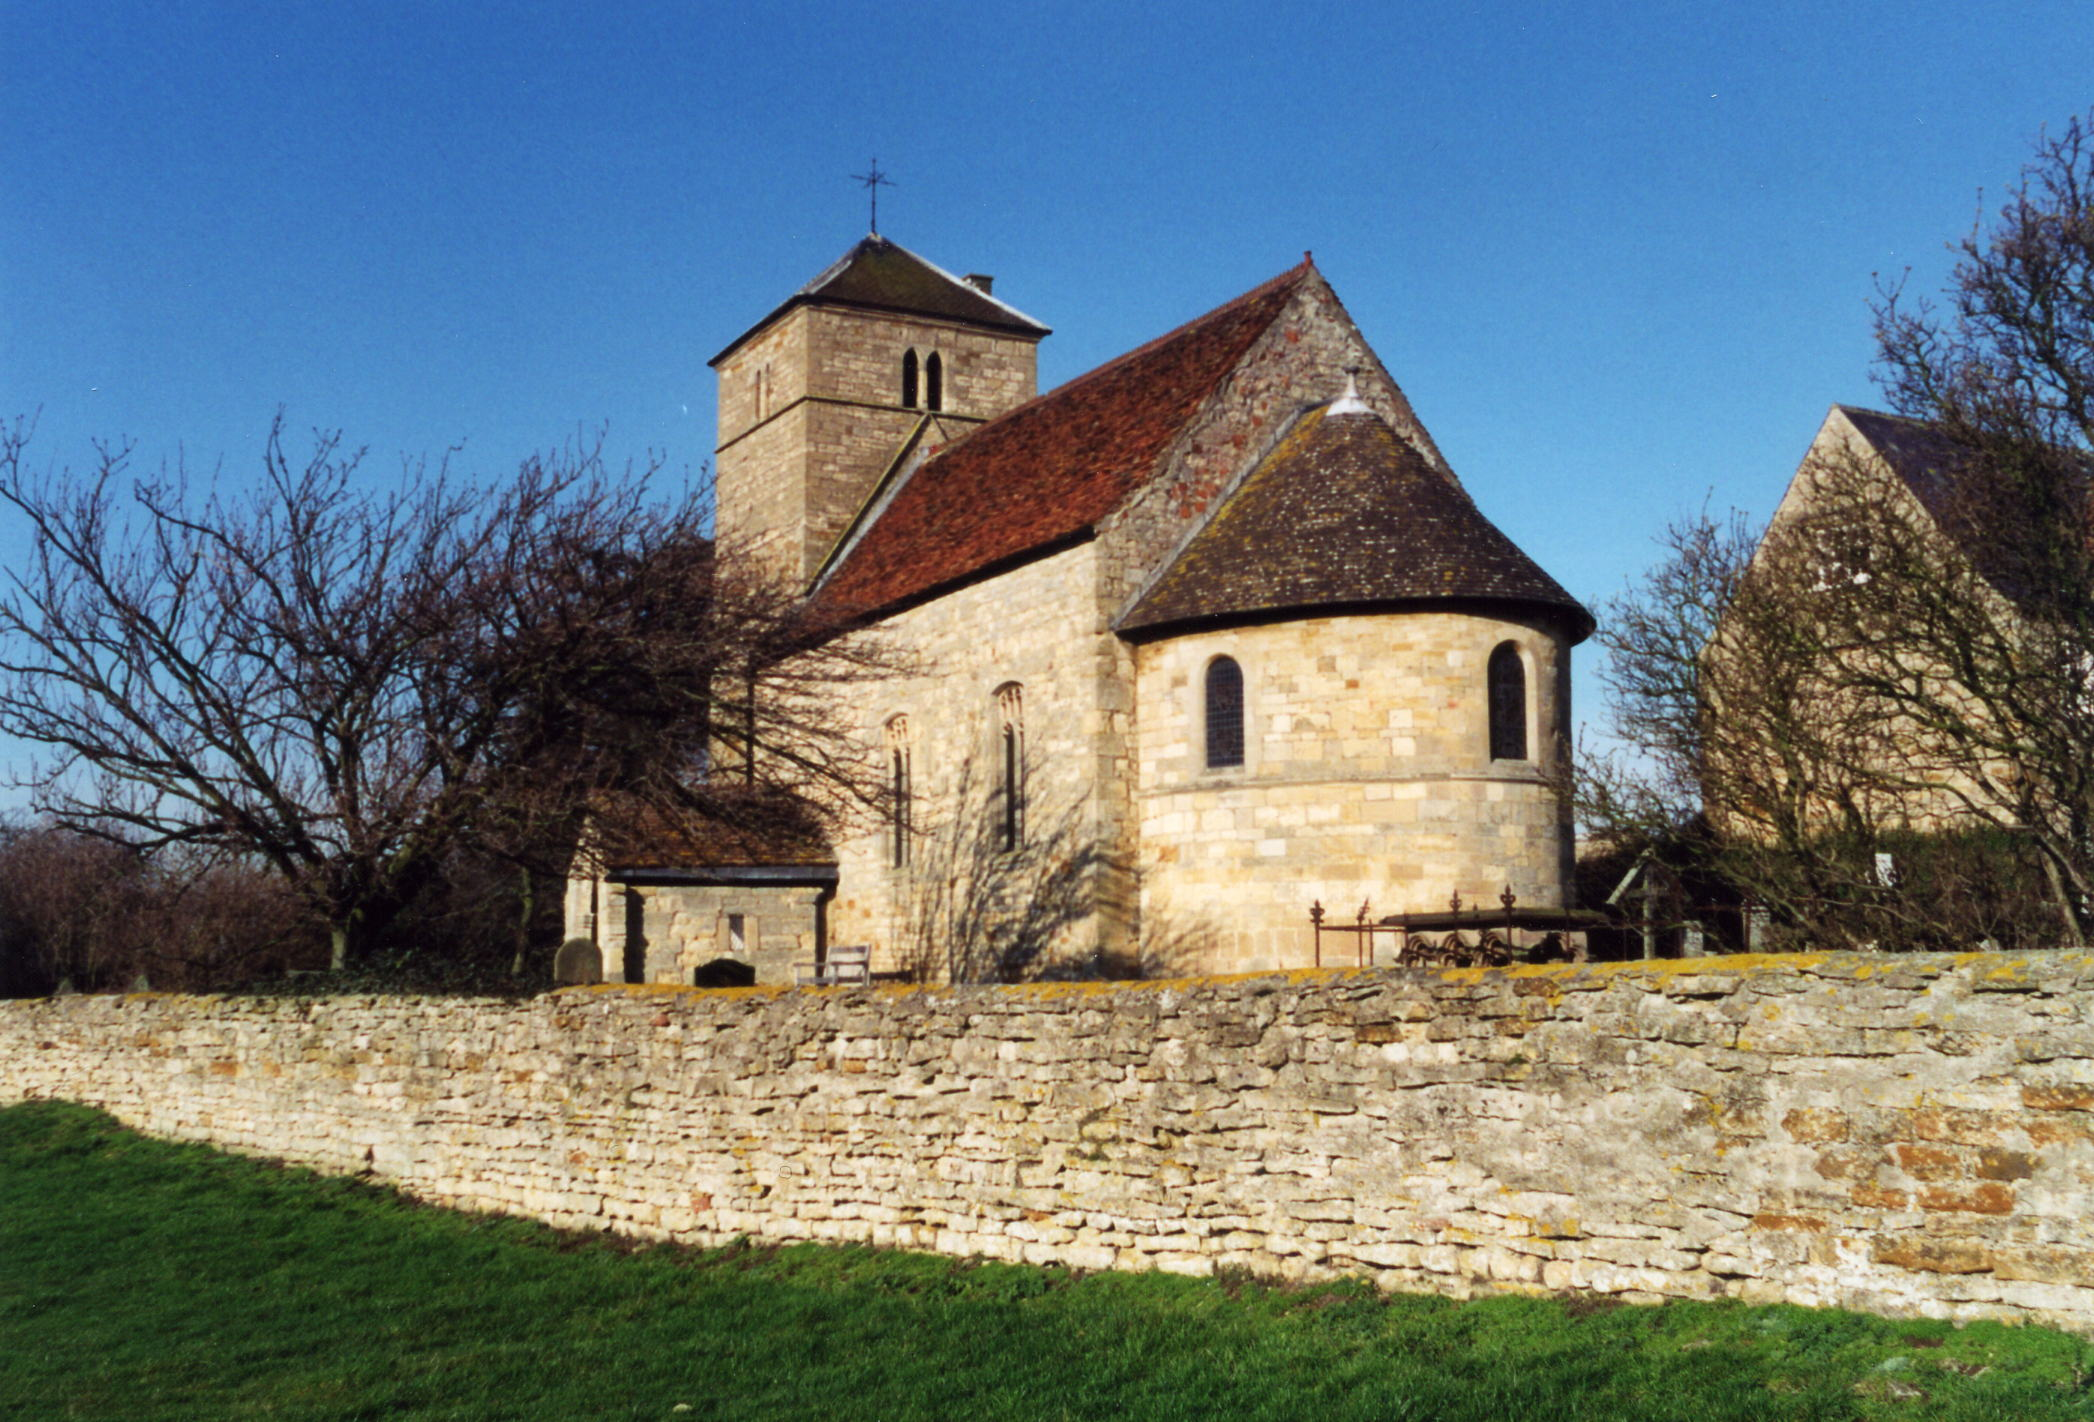 Greetwell All Saints church